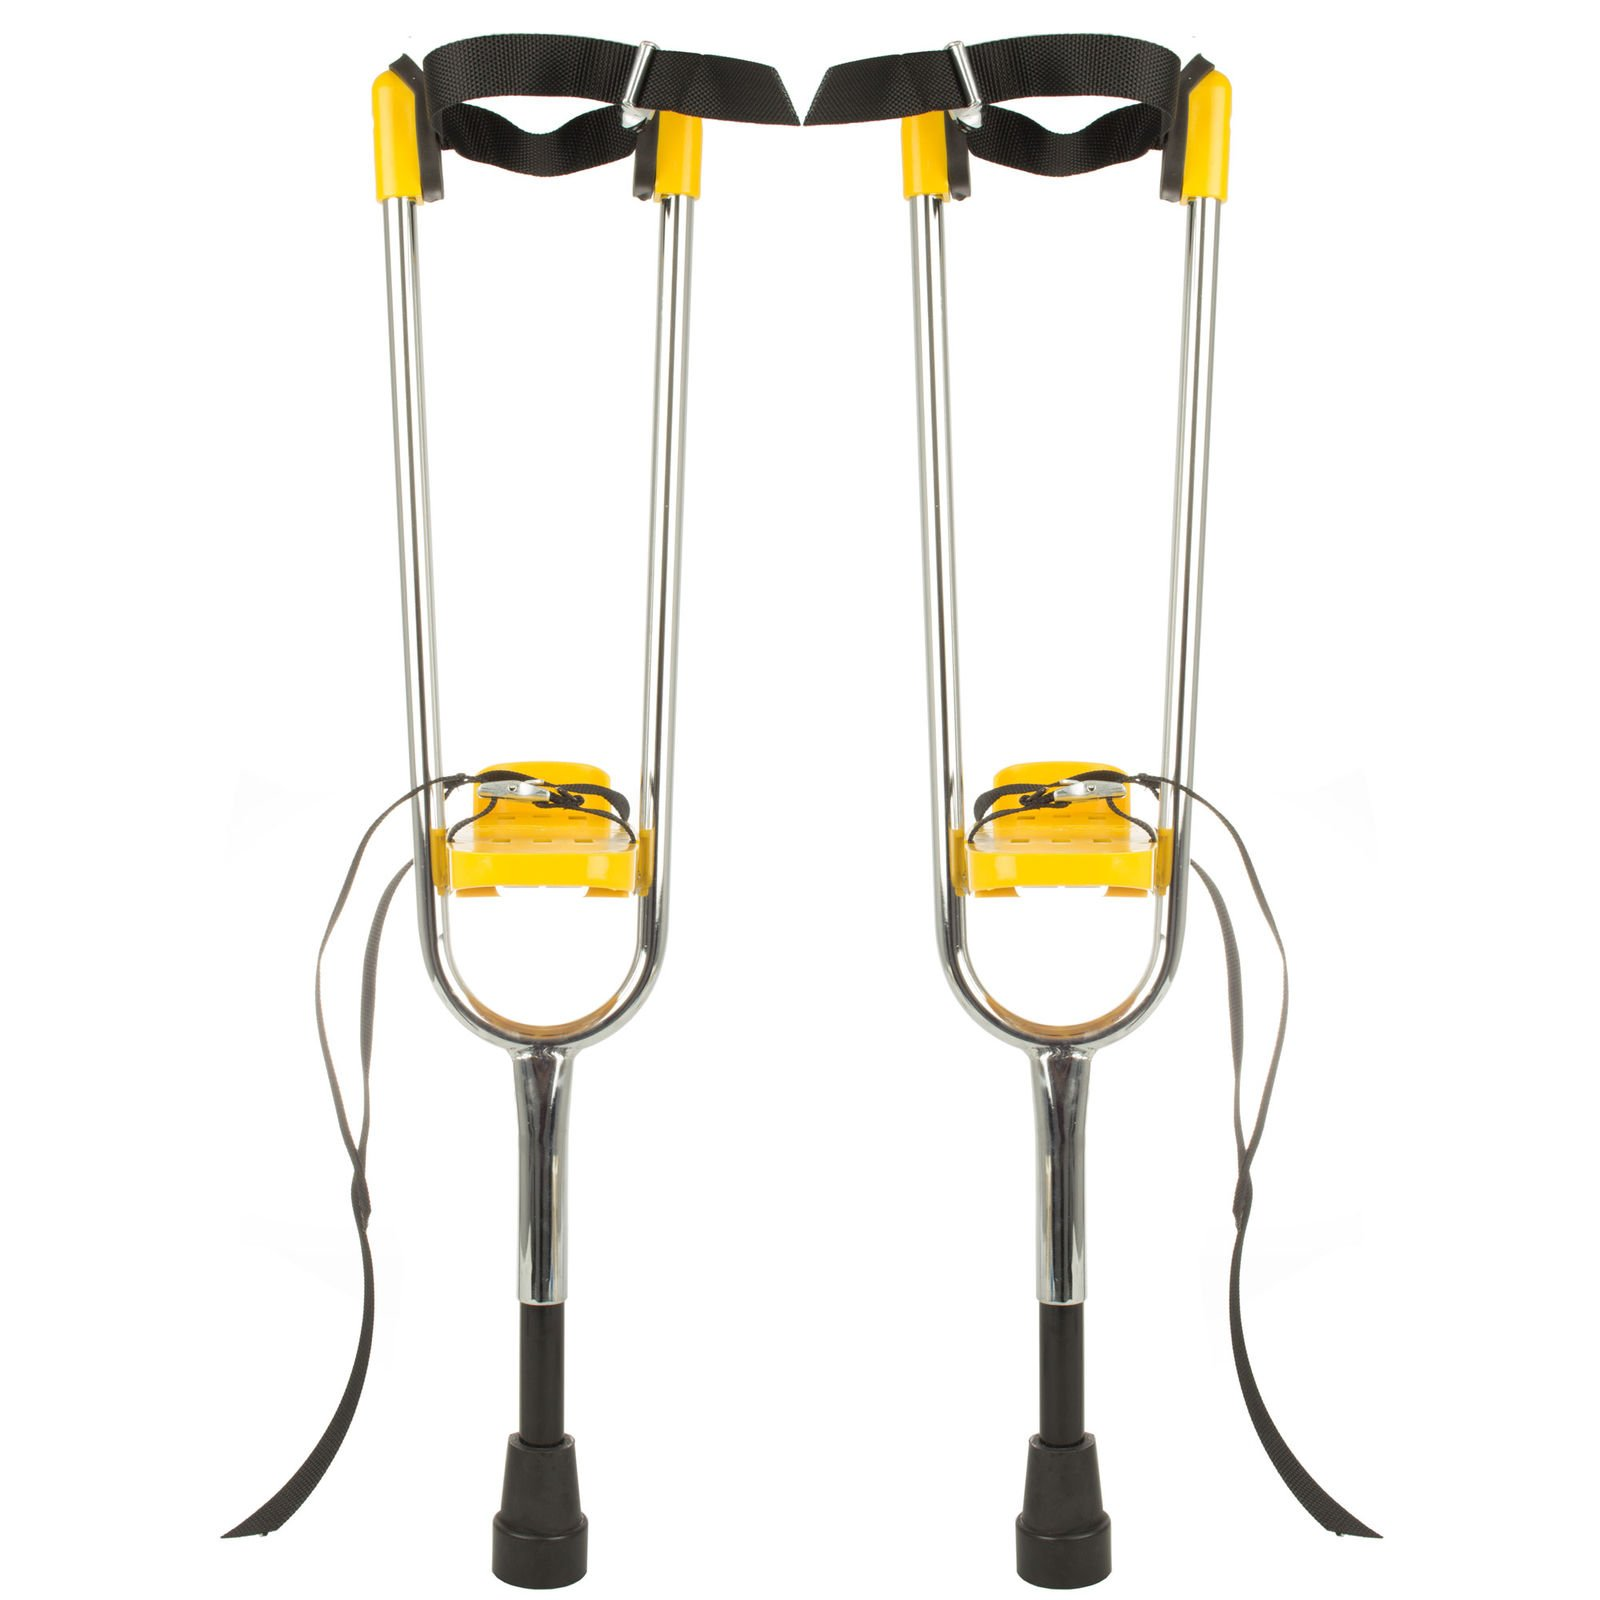 Actoy - Kid's Peg Stilts - Yellow (s2000)